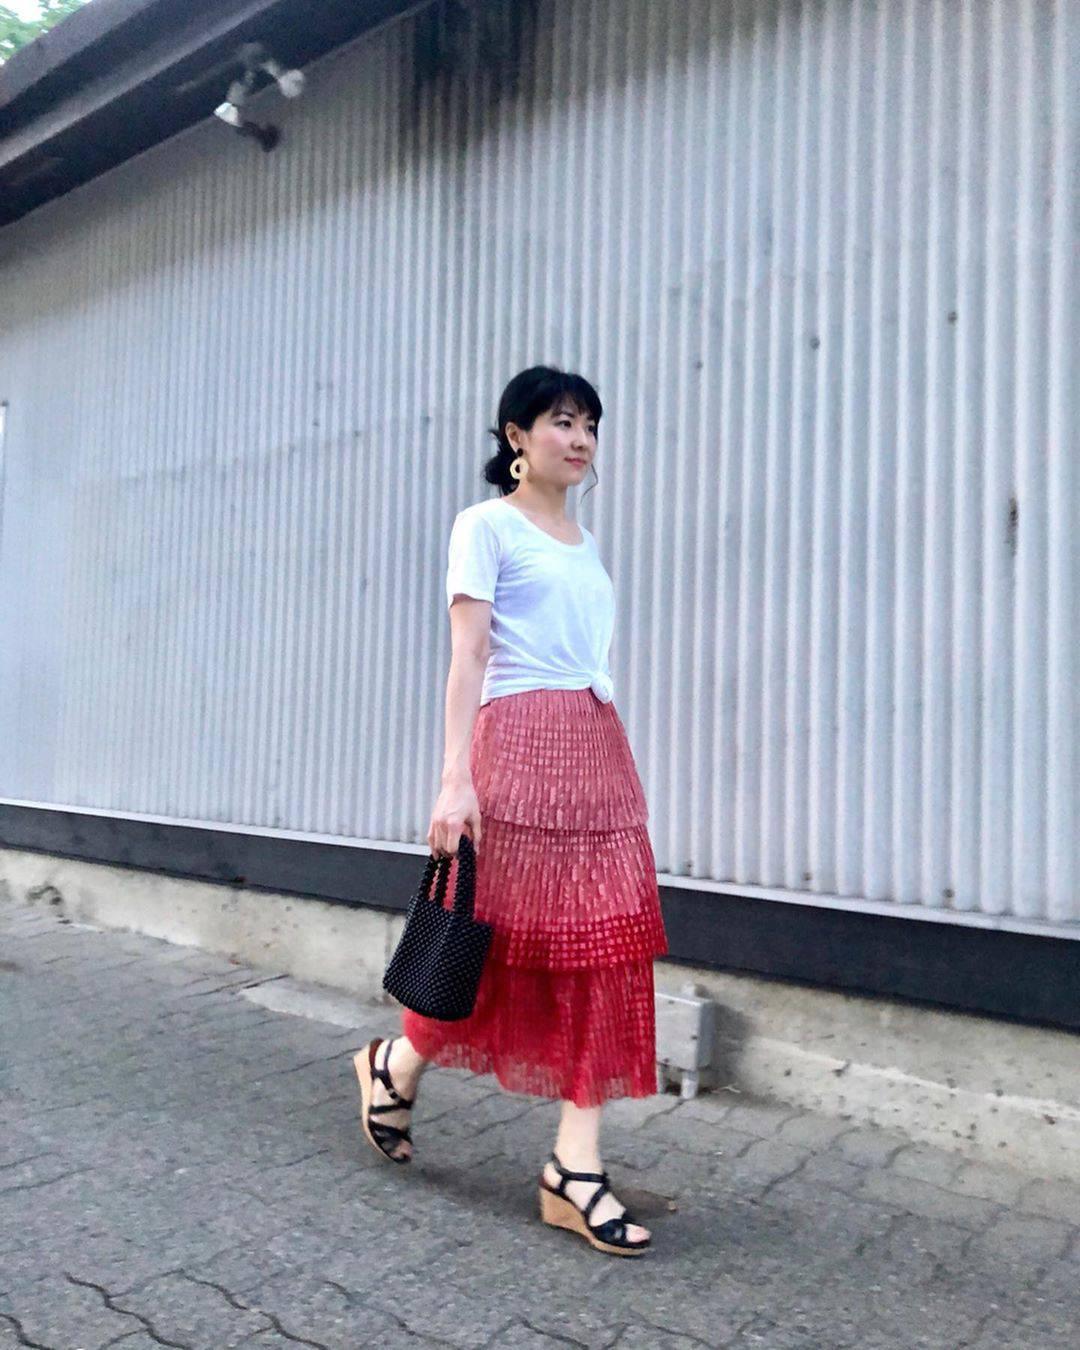 最高気温29度・最低気温22度 i.styleclosetの服装